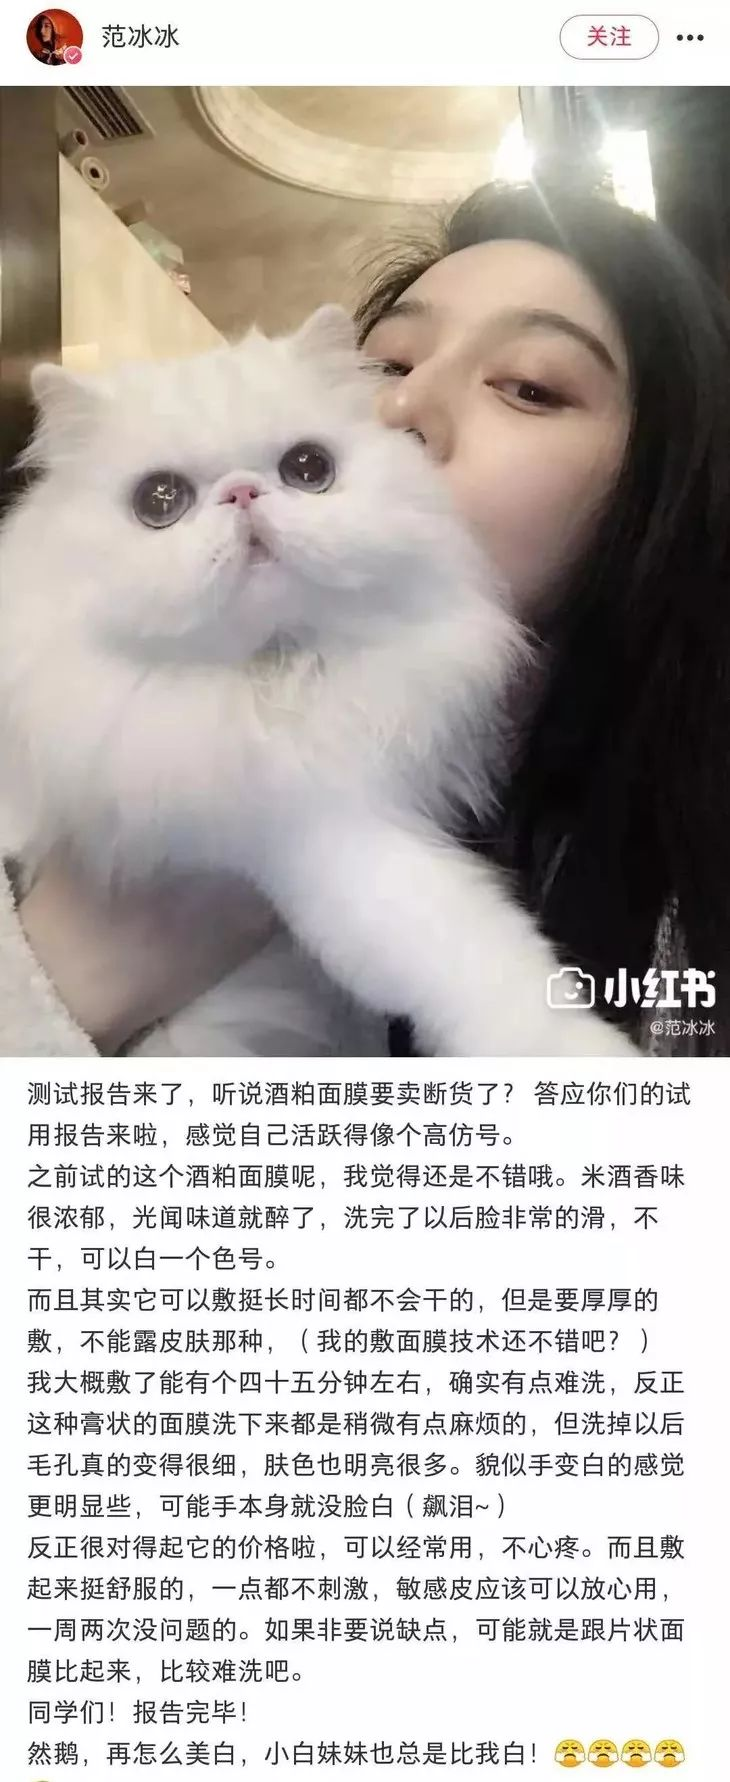 范冰冰七夕晒自拍,网友:好看到哭